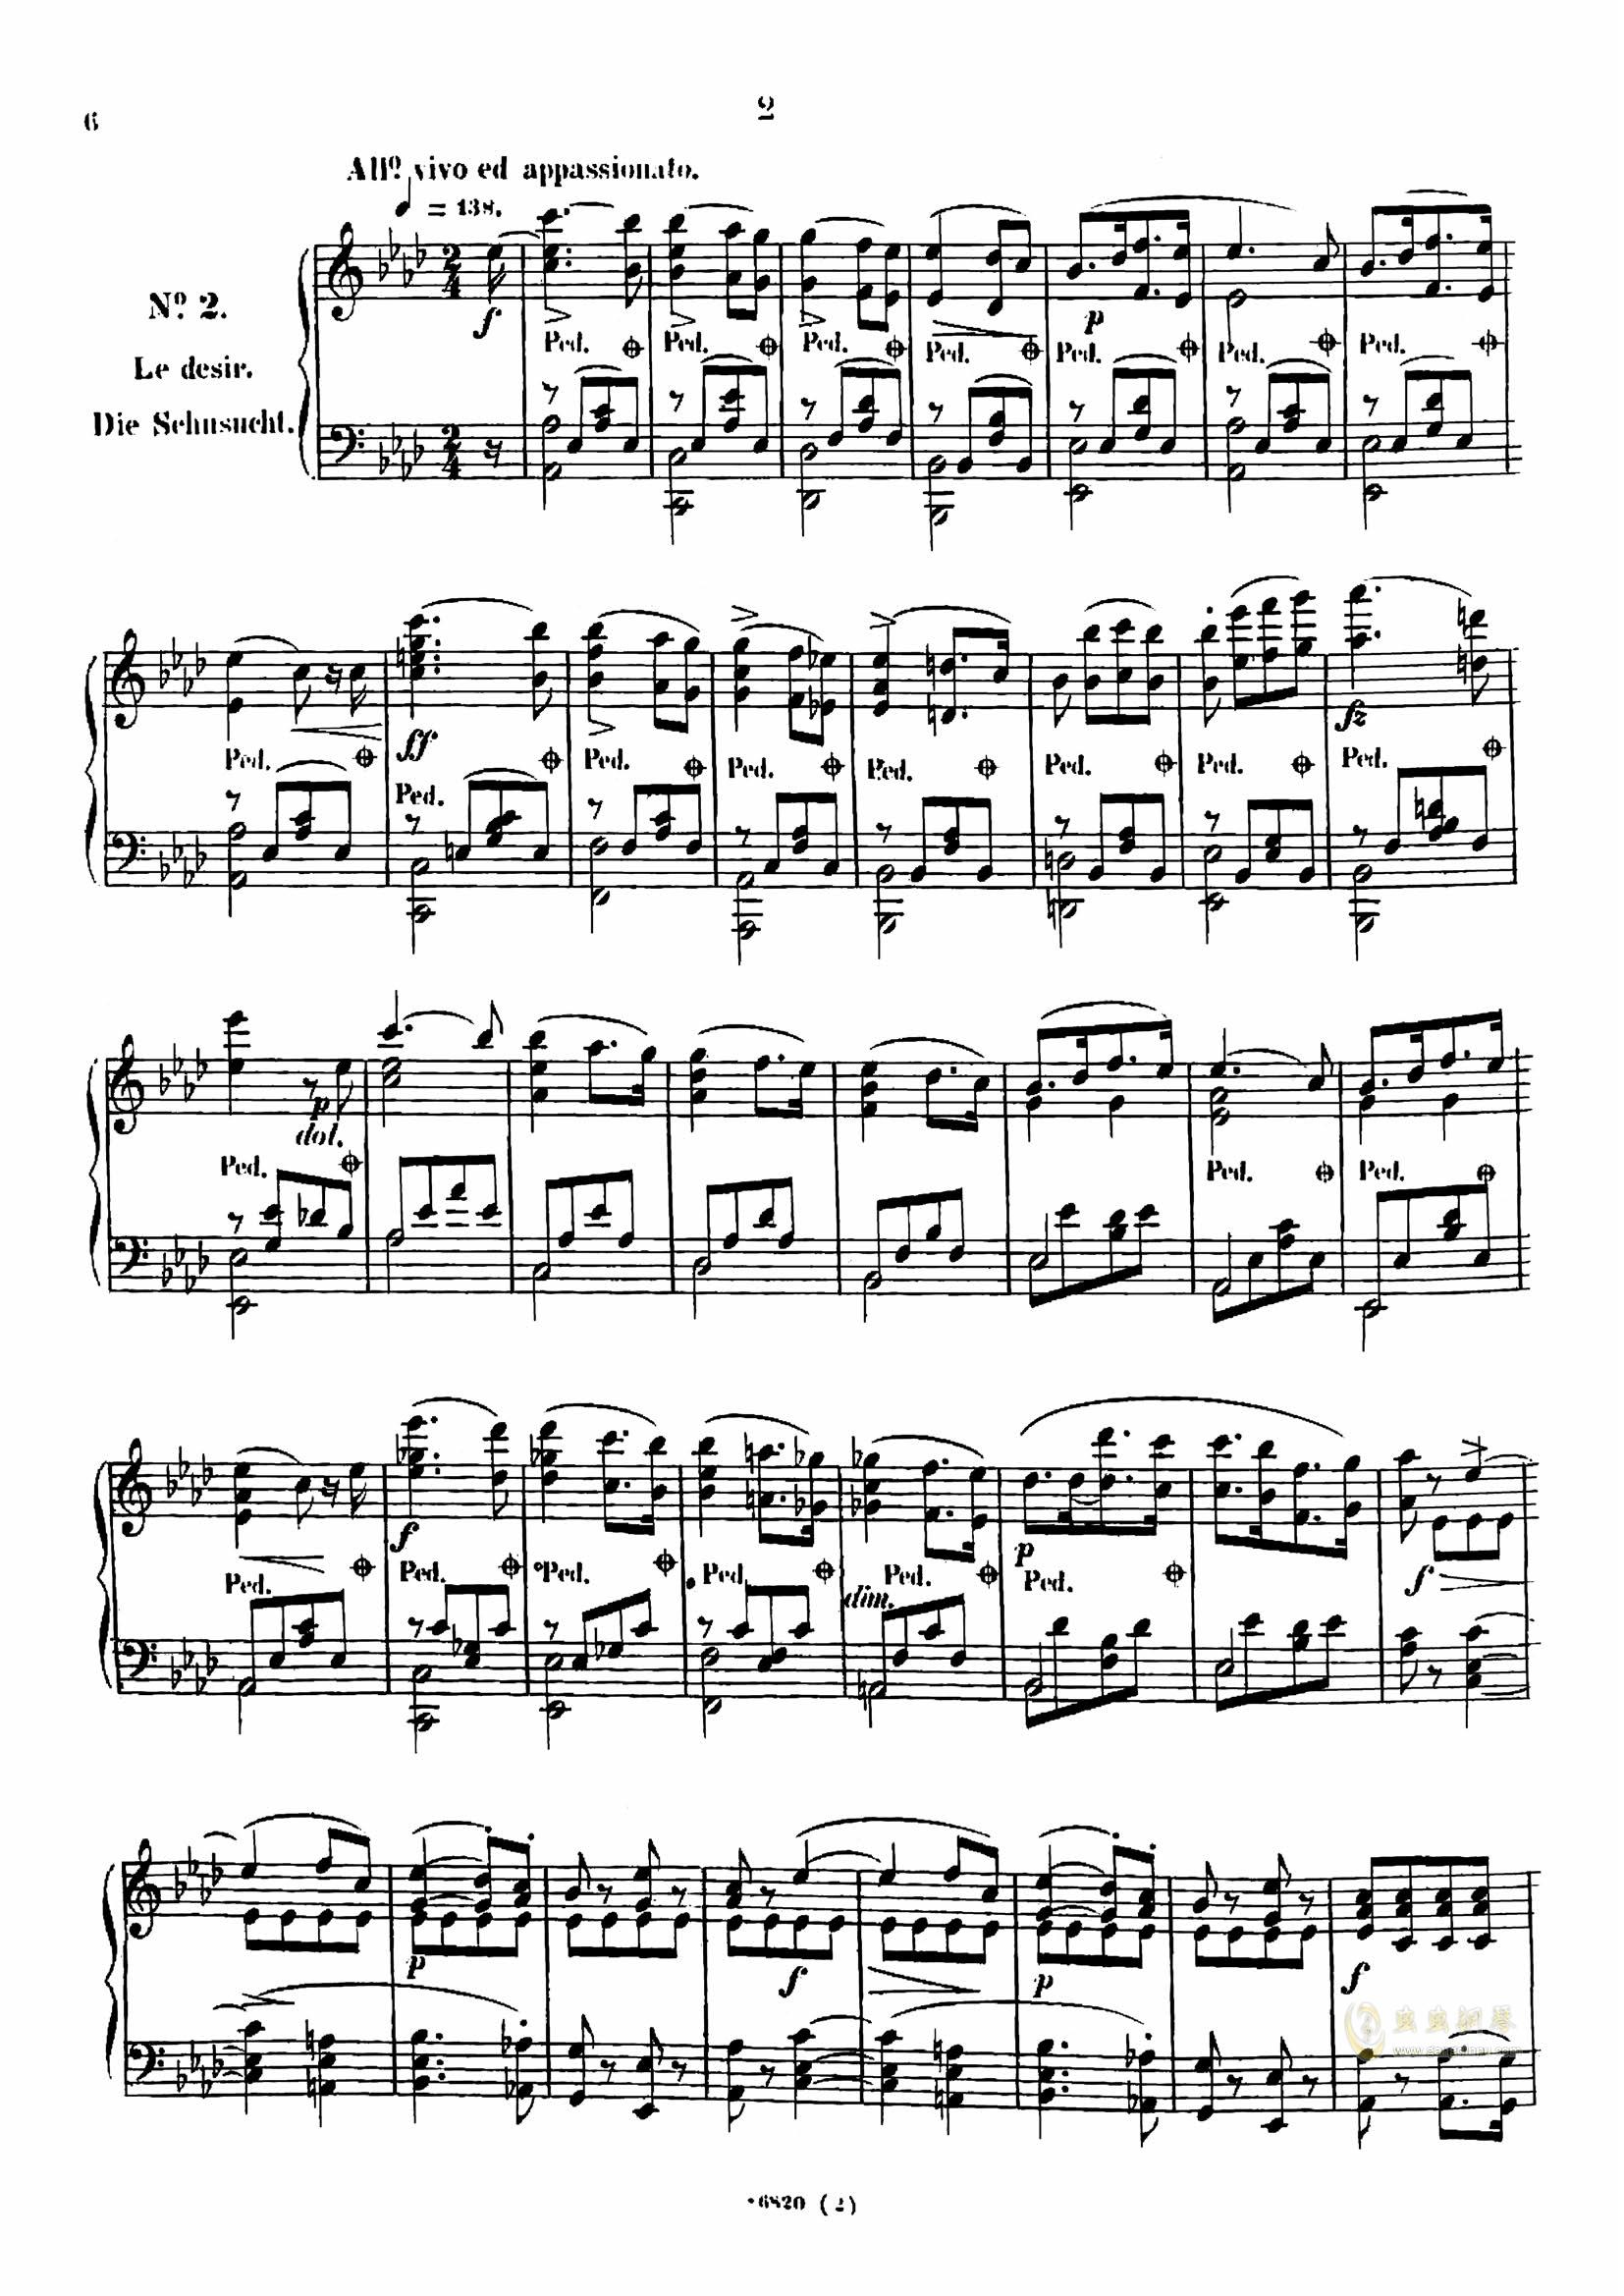 降a大调夜曲钢琴谱 第2页